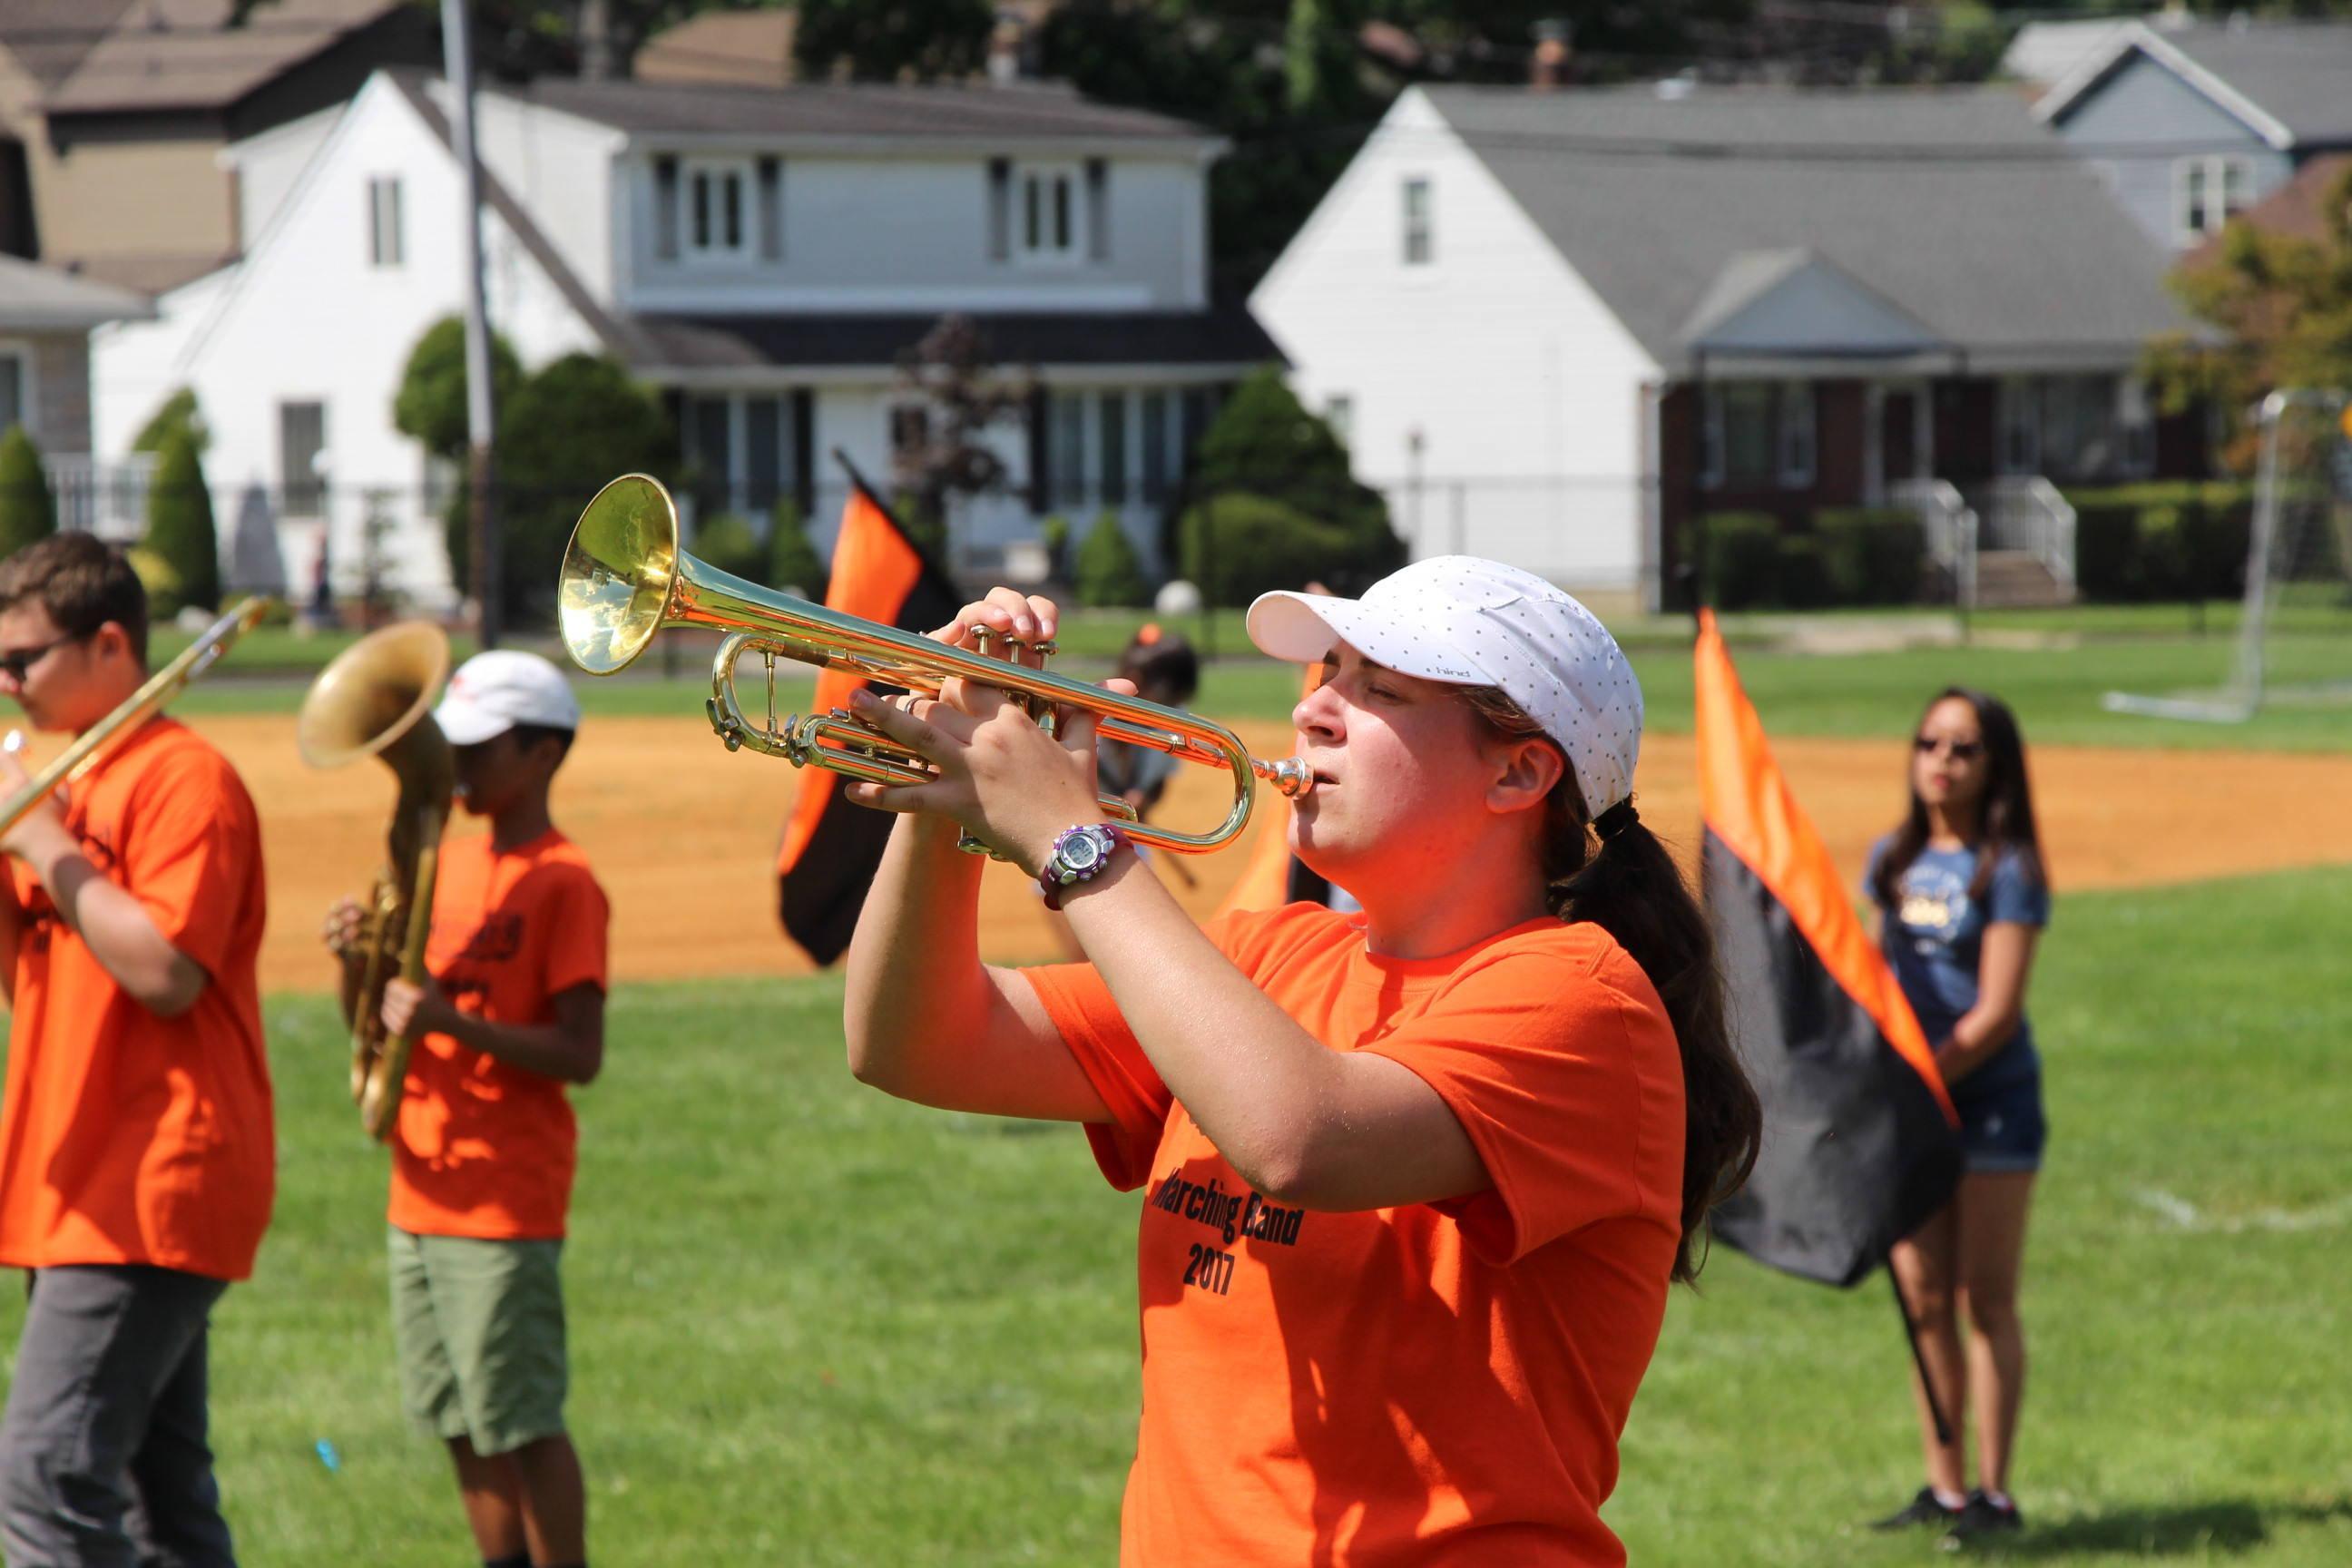 029c2b2f7923b26487e1_EDIT_trumpet.jpg